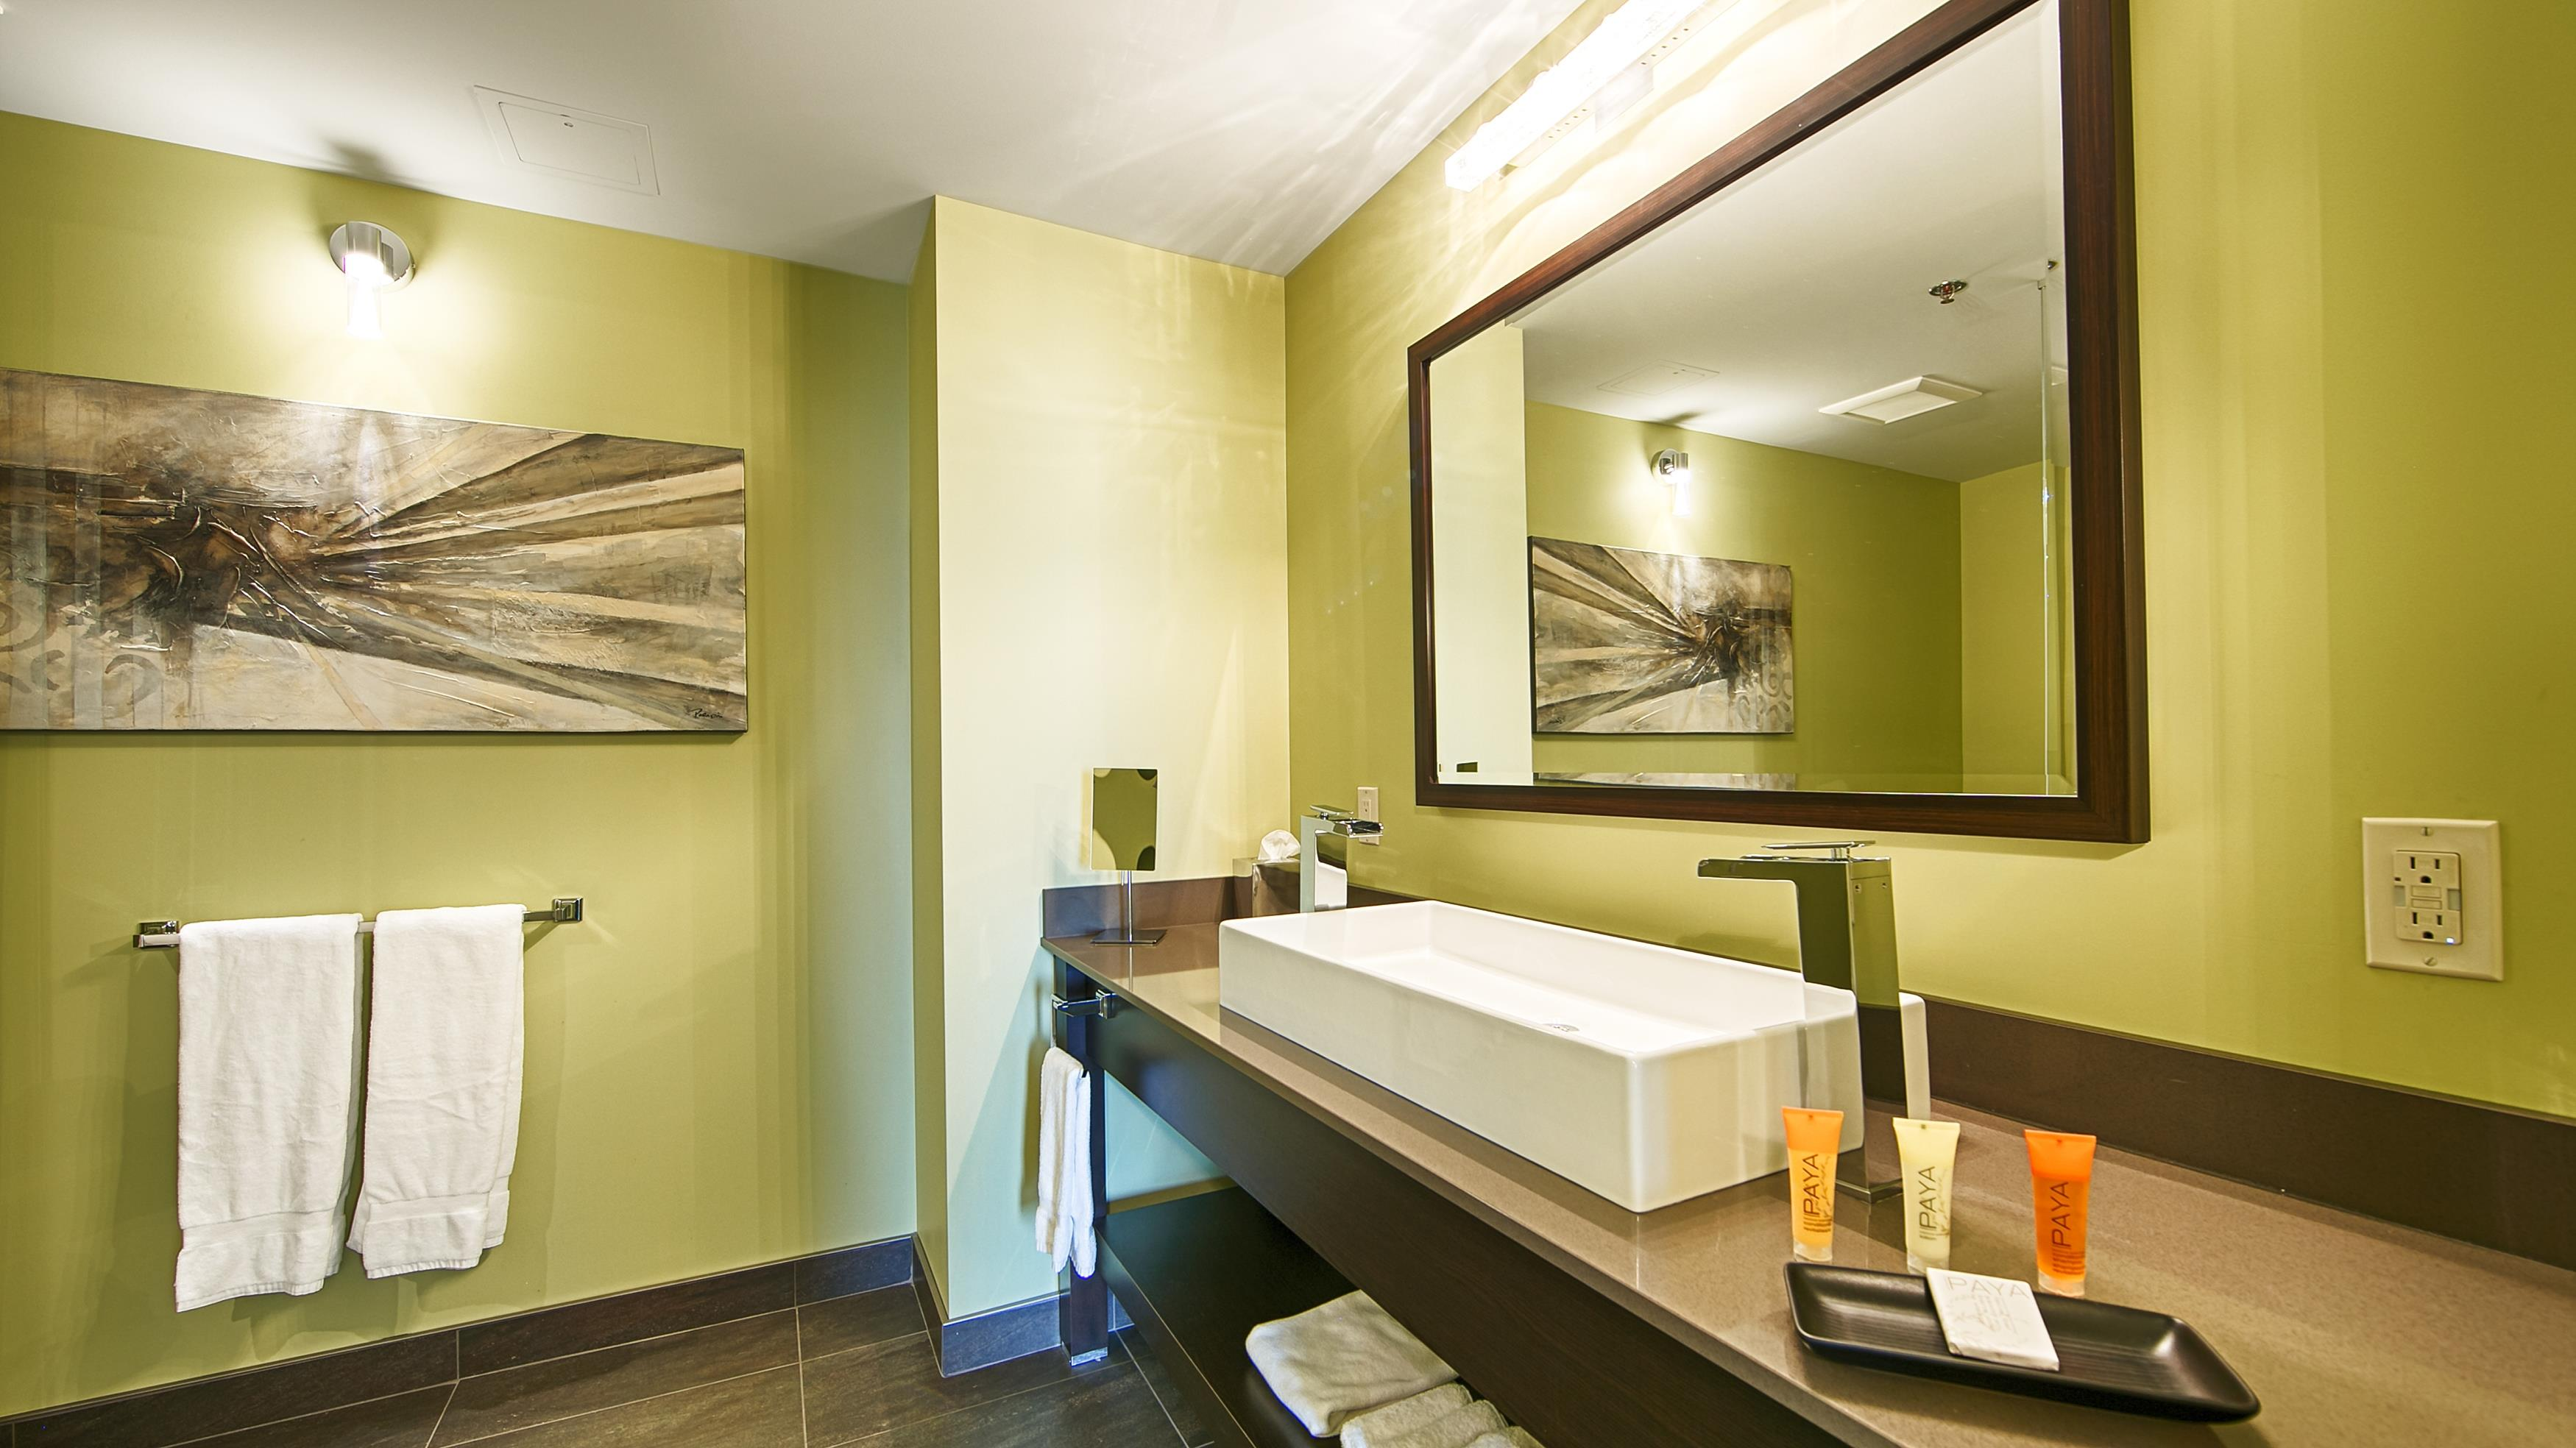 Best Western Plus Hotel Levesque à Riviere-du-Loup: Signature King Suite Bathroom